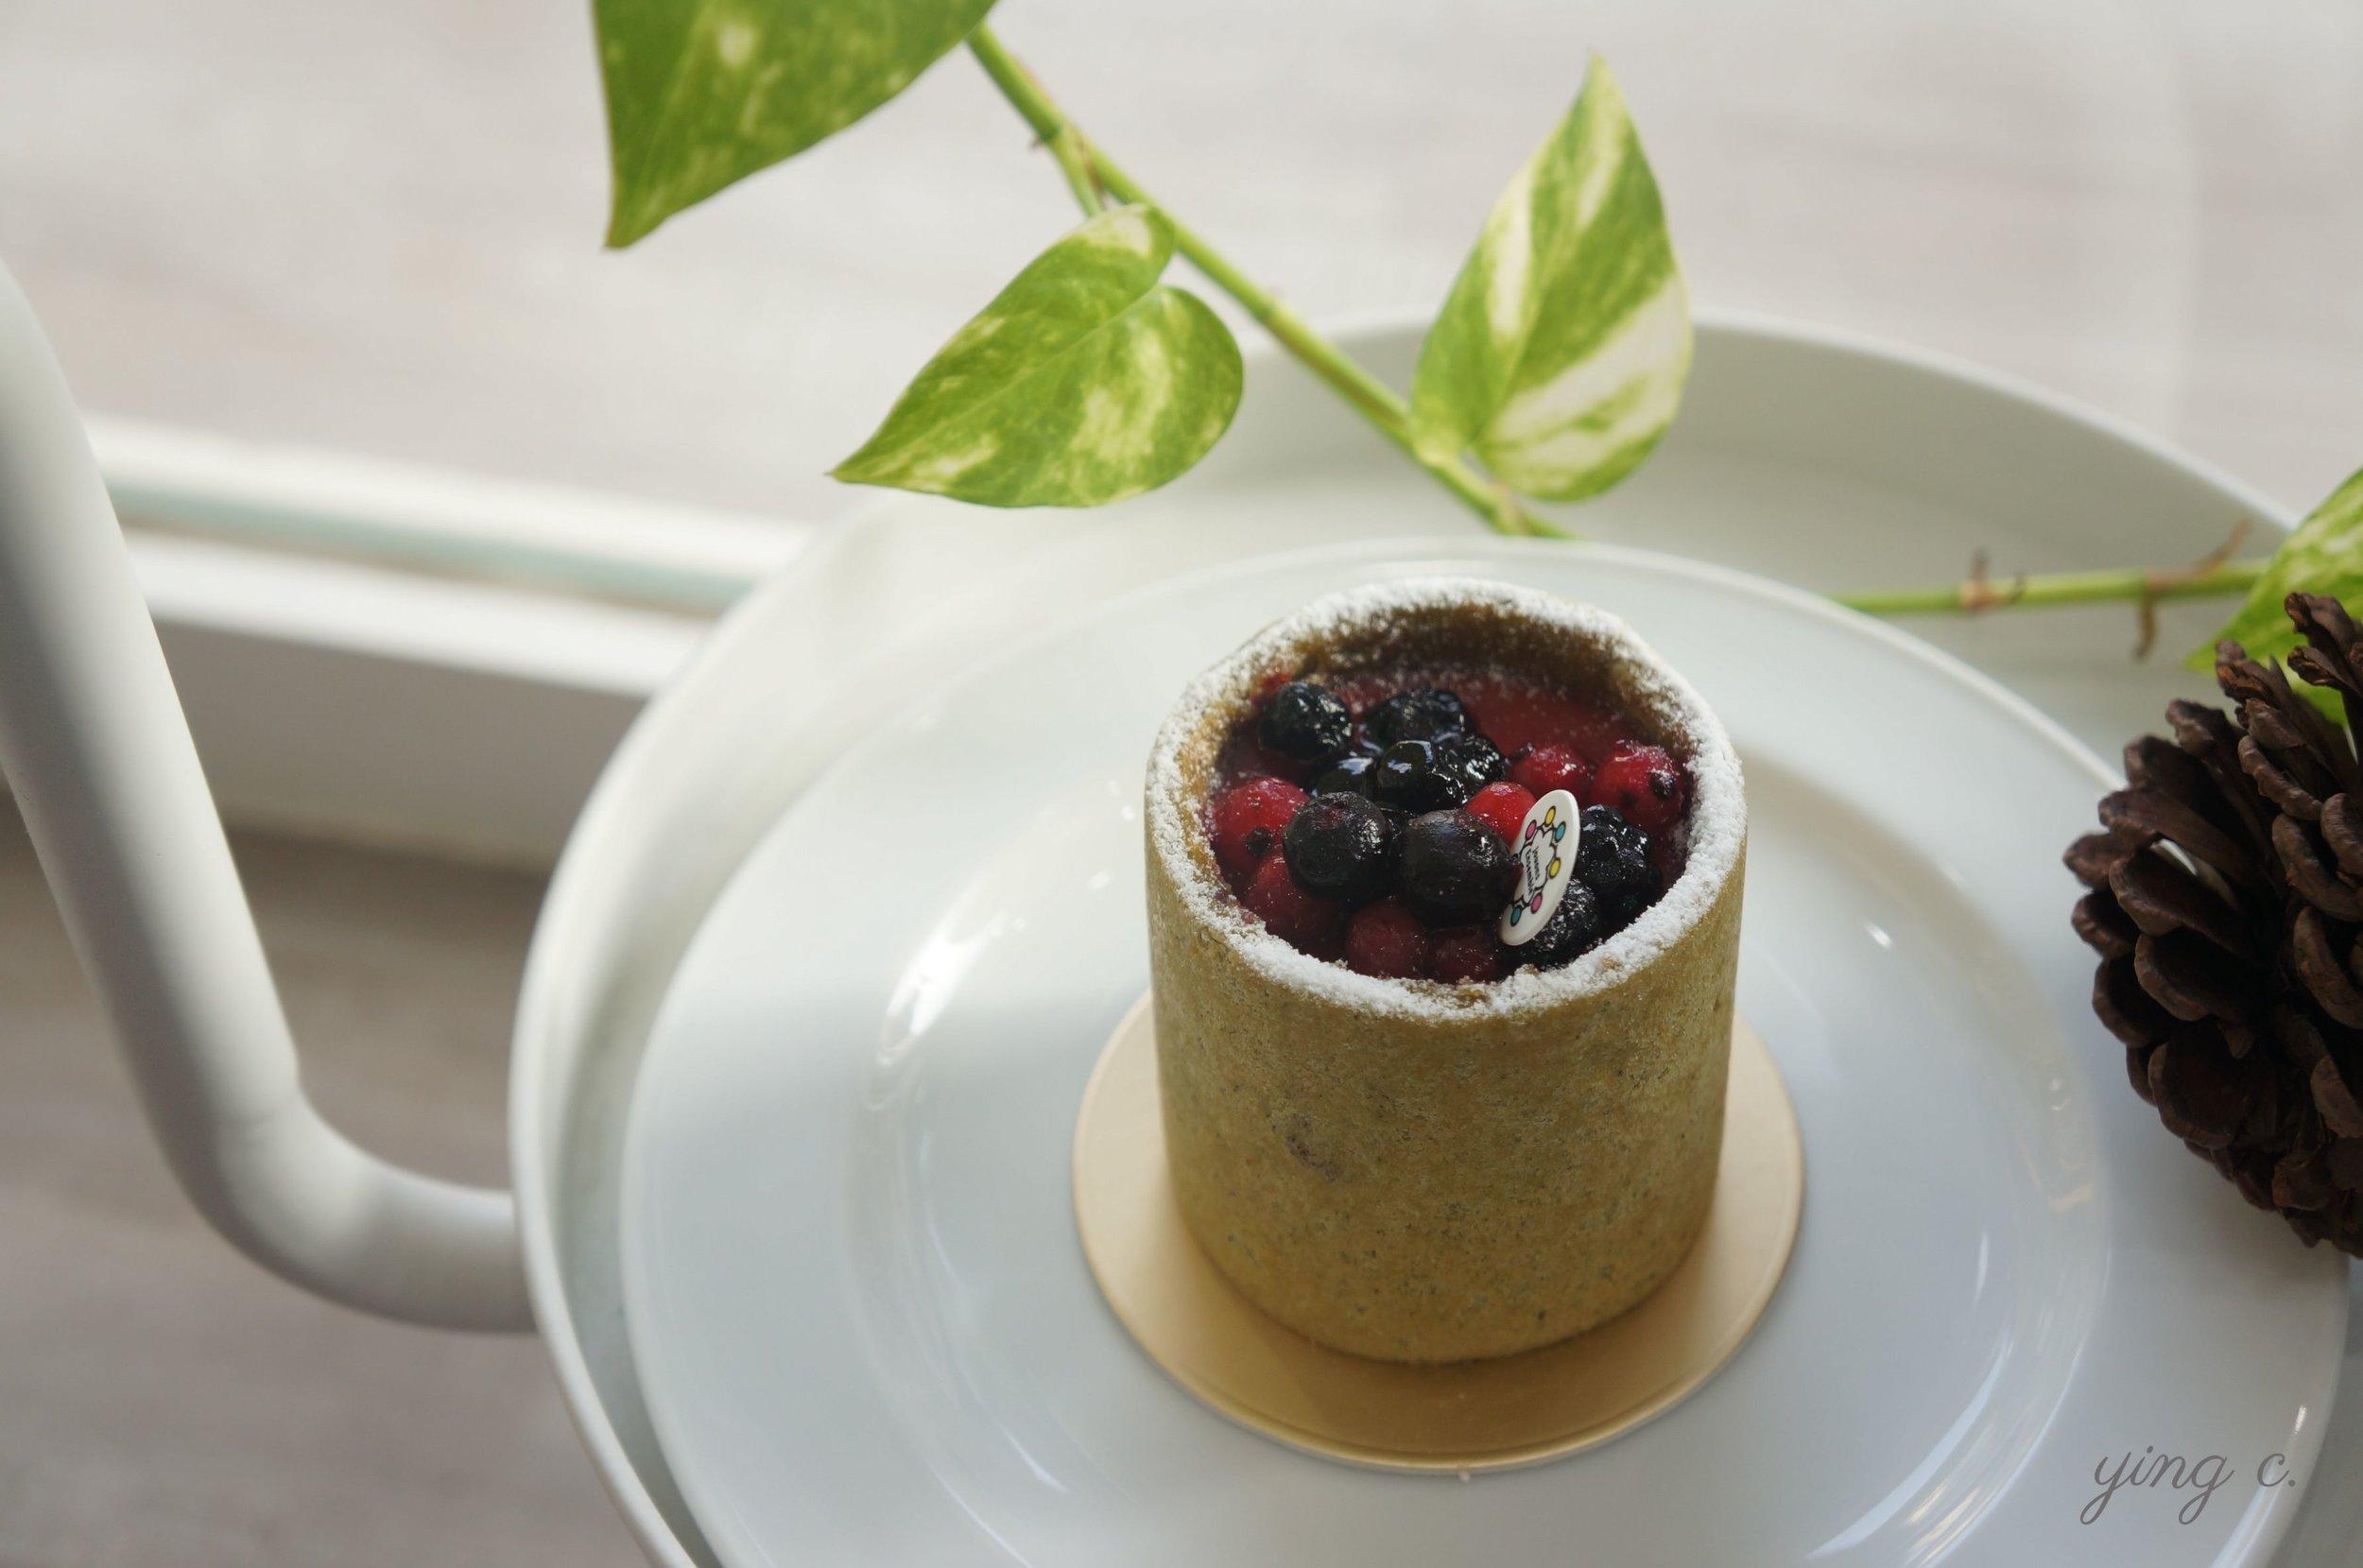 濕潤柔軟的Joconde法式杏仁海綿蛋糕包裹著紅心芭樂奶餡以及櫻桃覆盆子白蘭地白乳酪慕斯,「在地欸」的清新口感讓人驚艷。